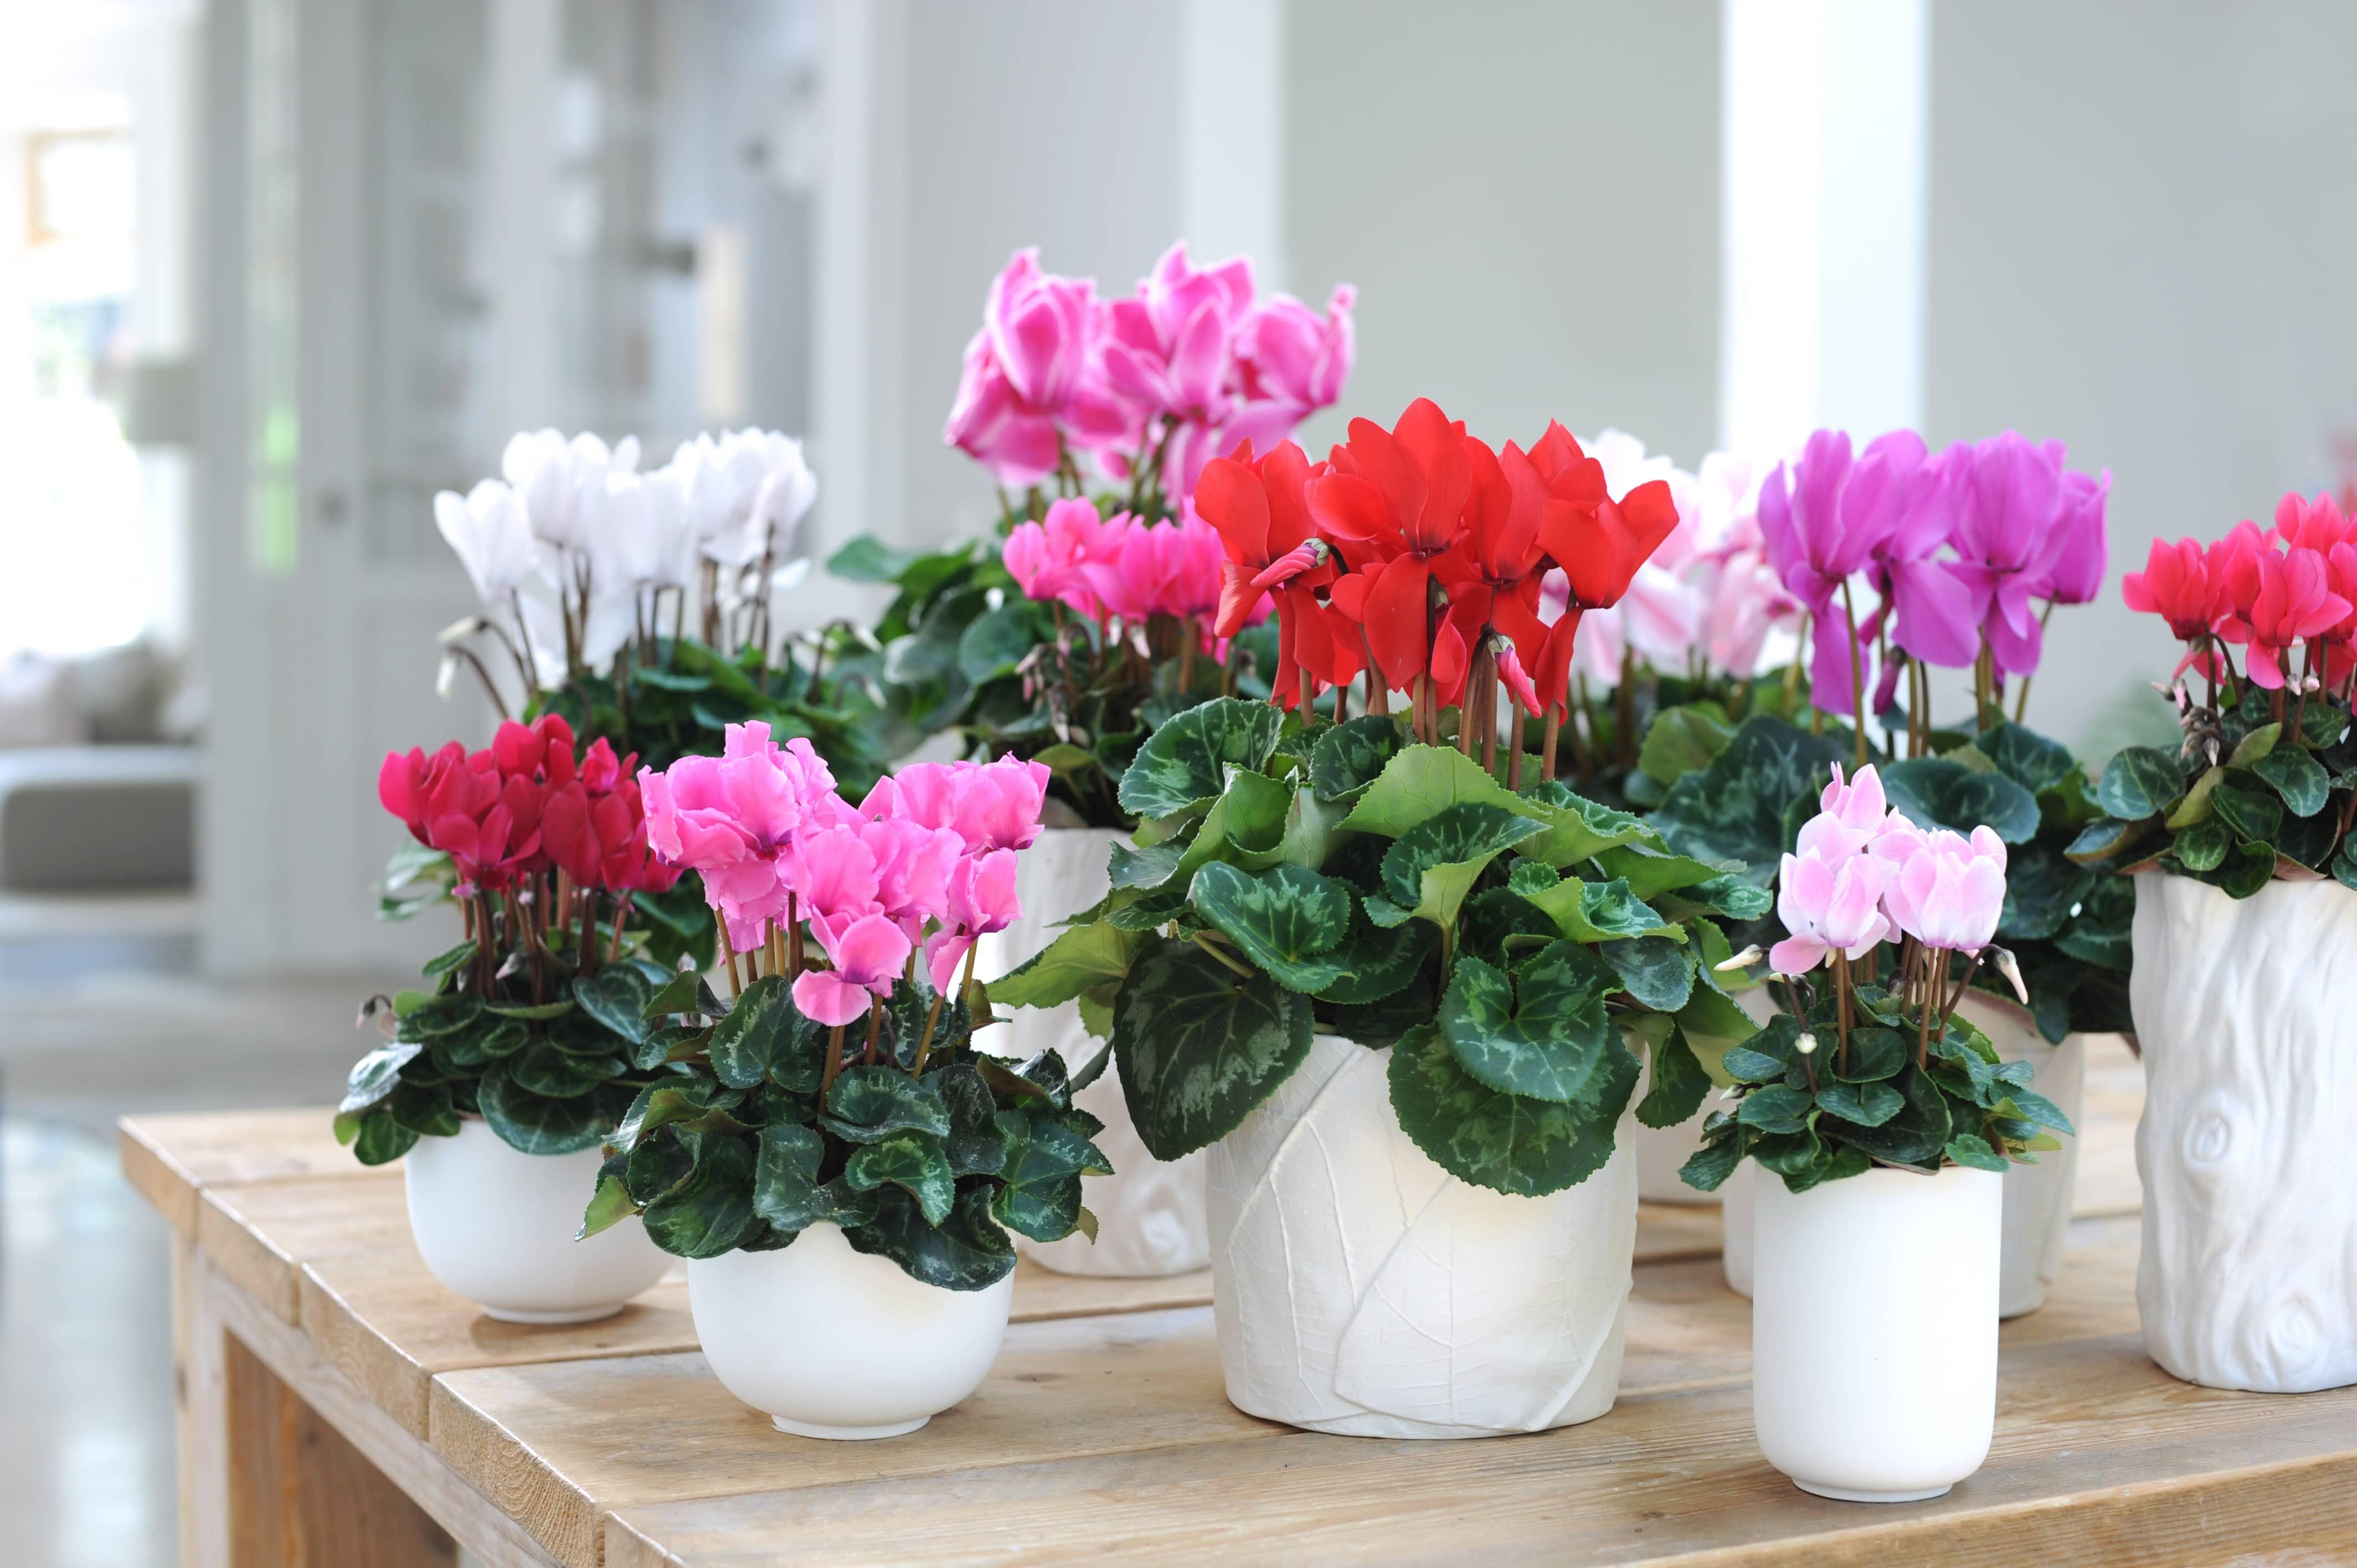 Quelle Plante Mettre Dans Un Grand Pot Exterieur cyclamen: conseils d'achat, d'entretien et de plantation